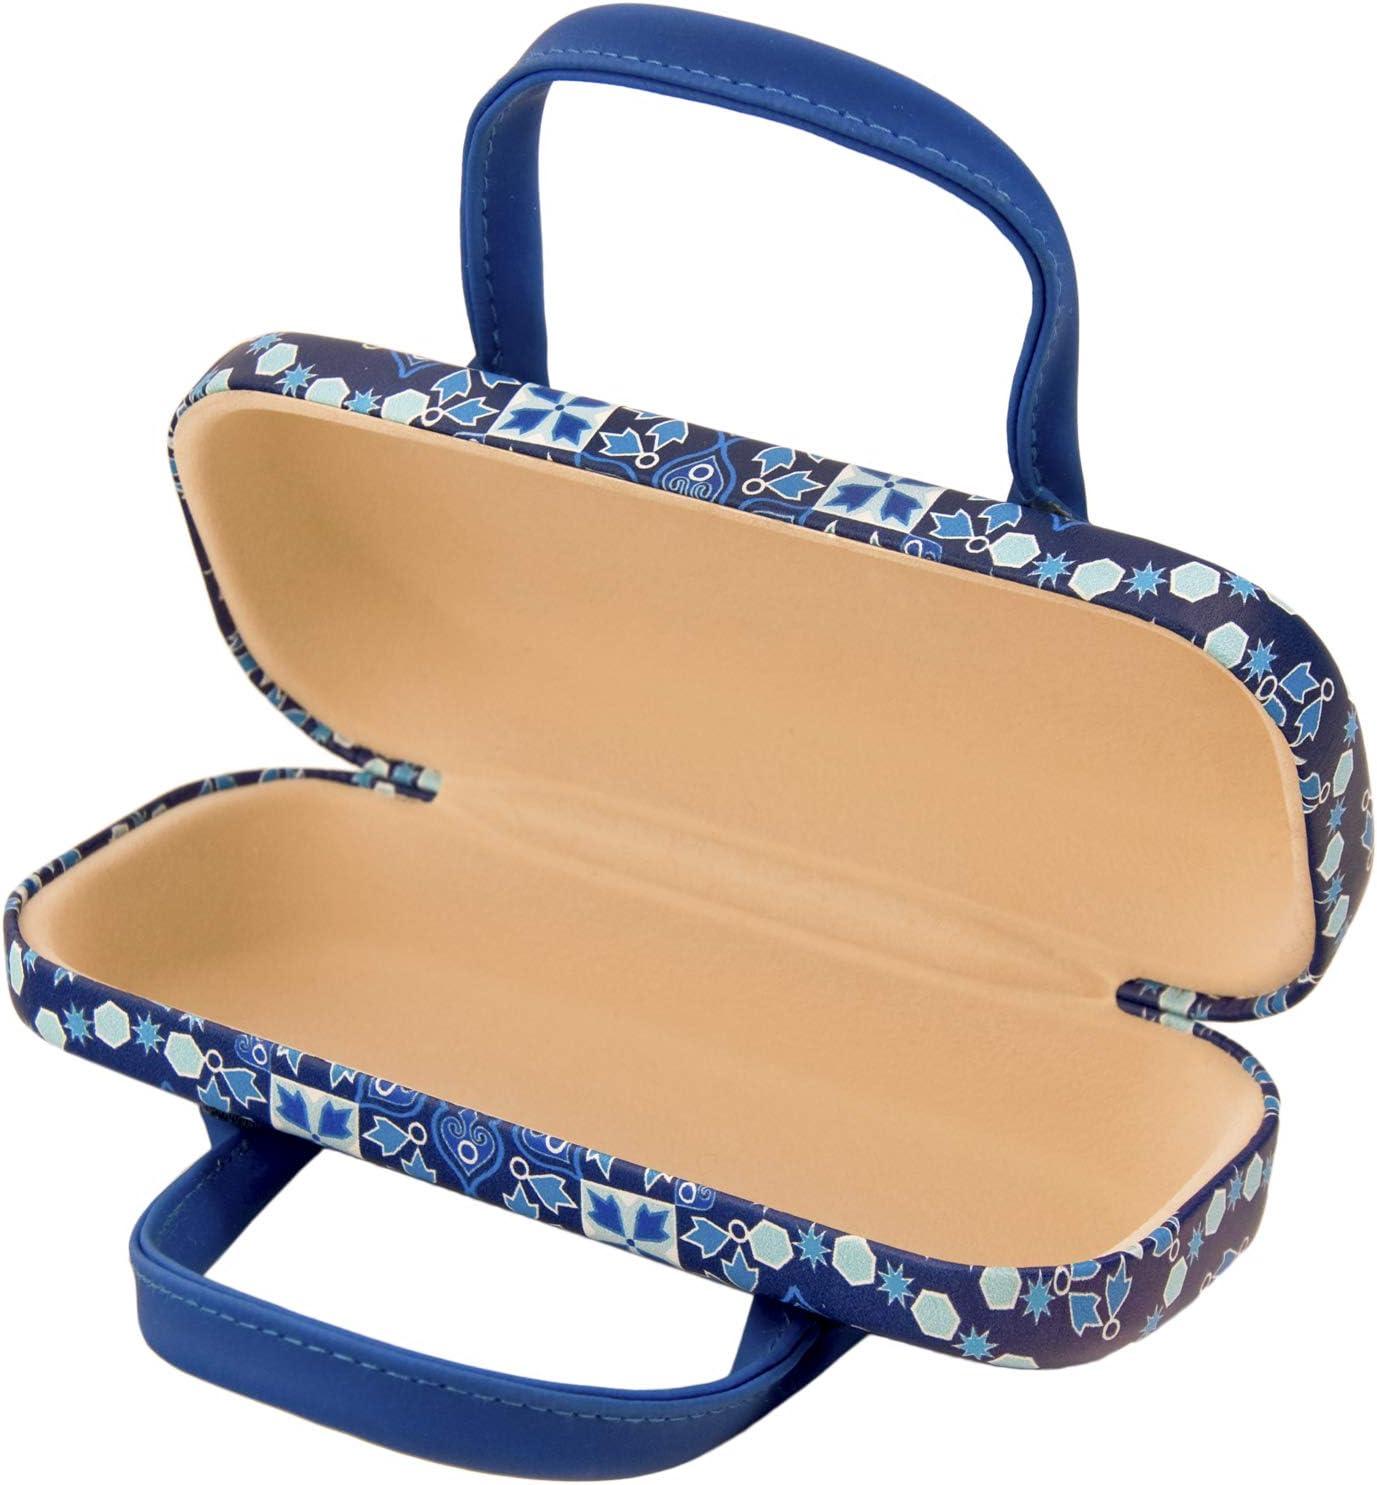 Innenfutter aus Samt Mehrfarbig onesize mit Flexverschluss und flexiblen Griffen PracticDomus Universal-Schutzh/ülle f/ür Brille